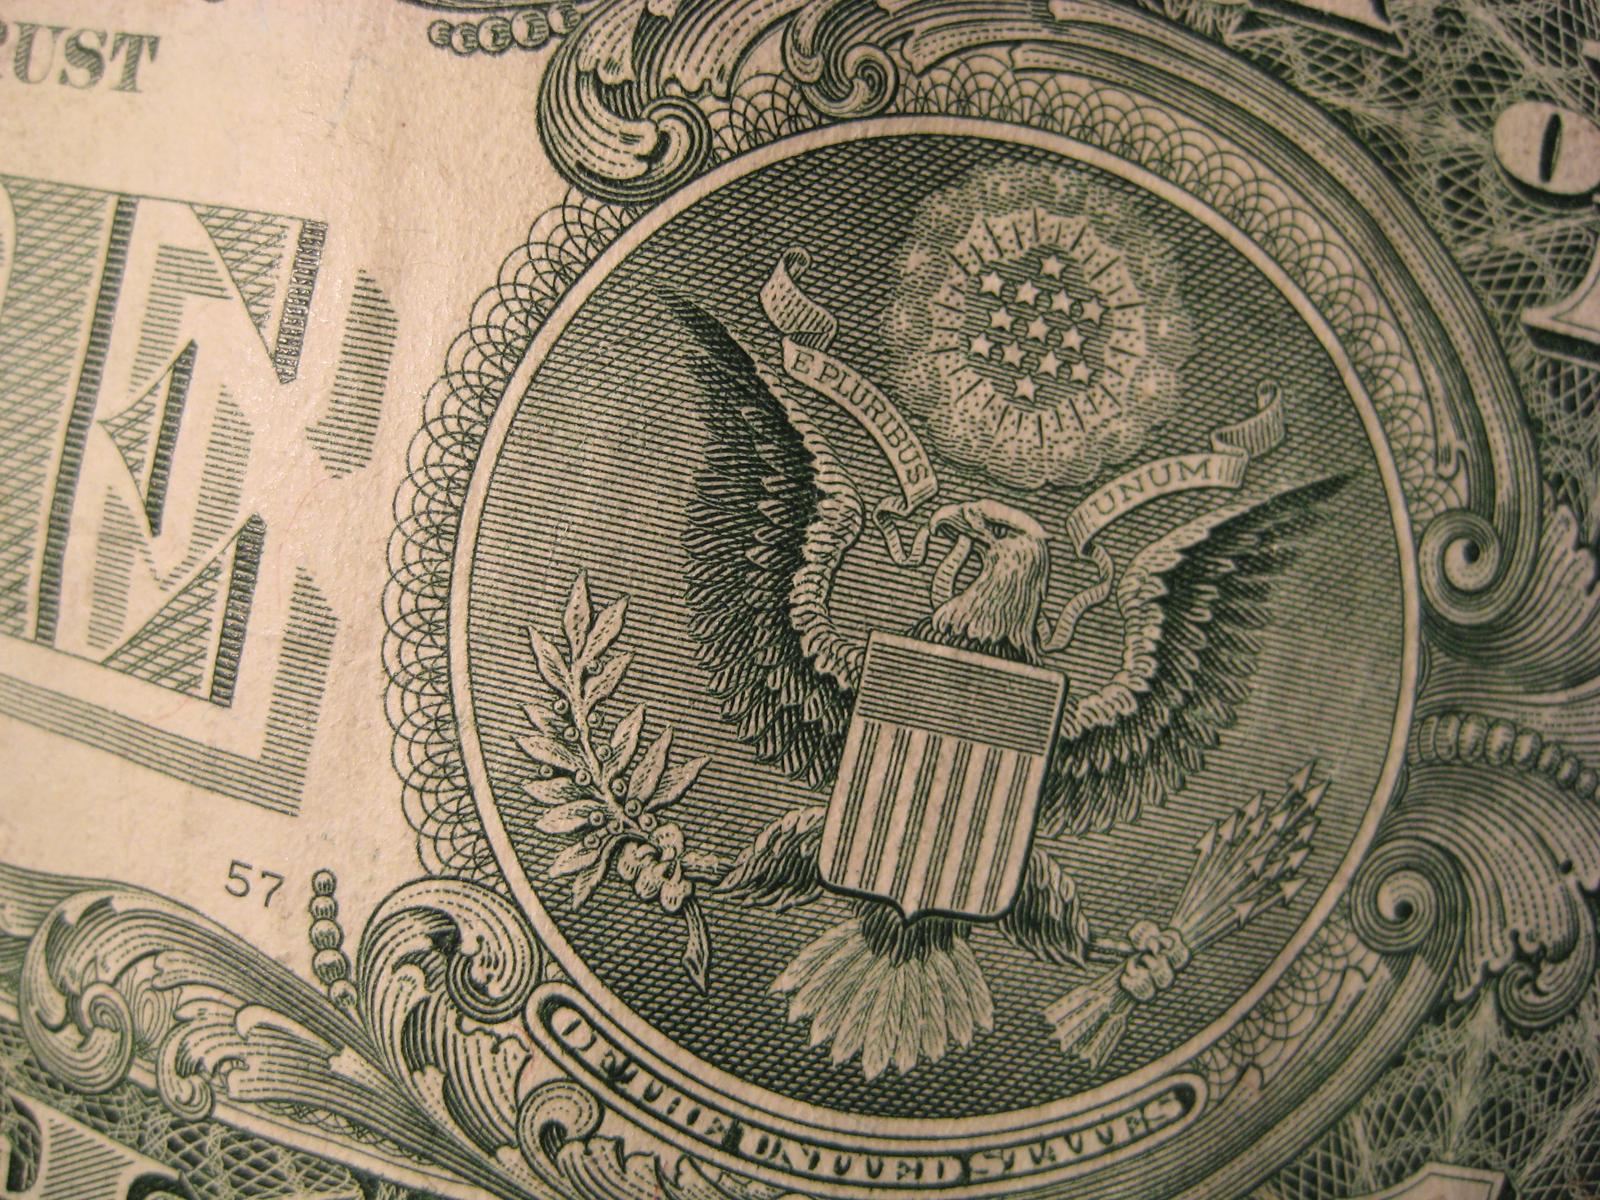 http://2.bp.blogspot.com/-Zbx7AMIS-1U/TjgRvLfOCrI/AAAAAAAACeE/Etsjgo622pw/s1600/Money_HD_Wallpaper_Stock_Psupero_2.jpg